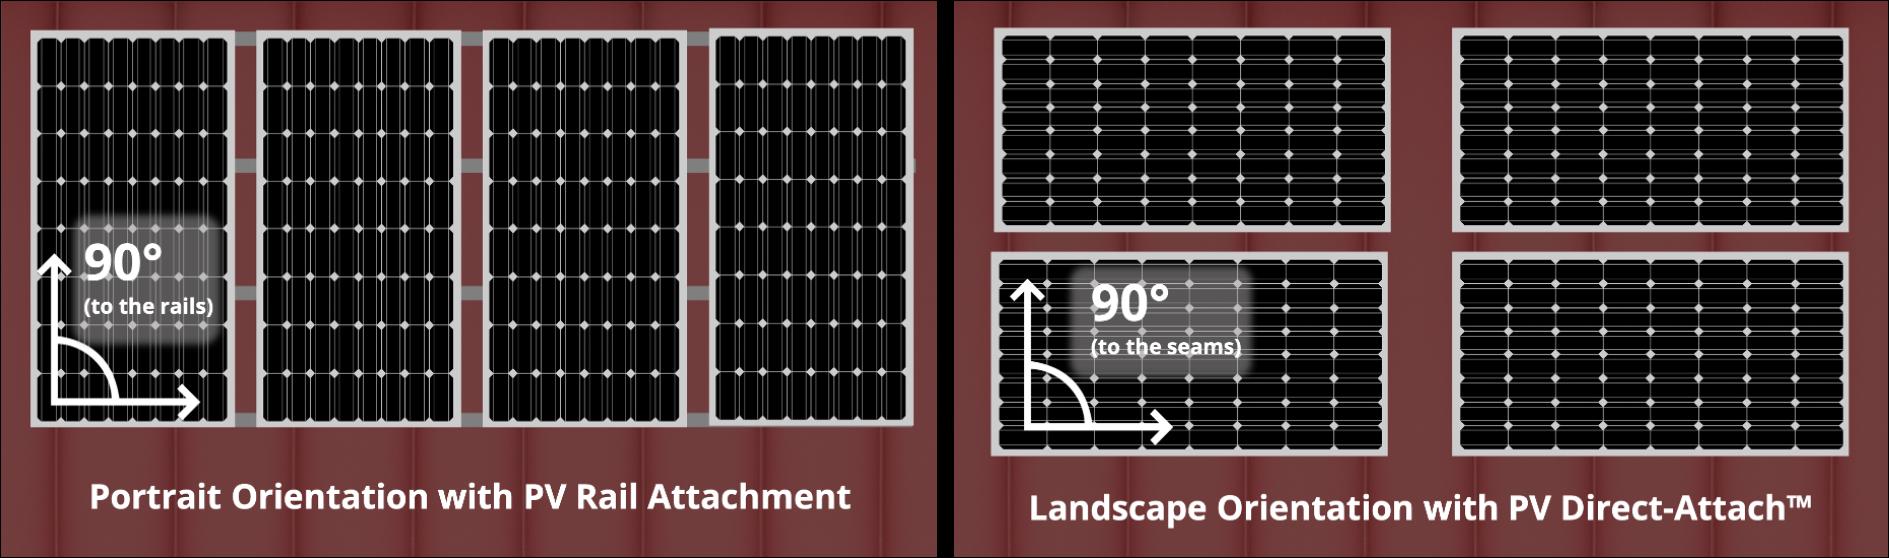 portrait and landscape orientation solar panels